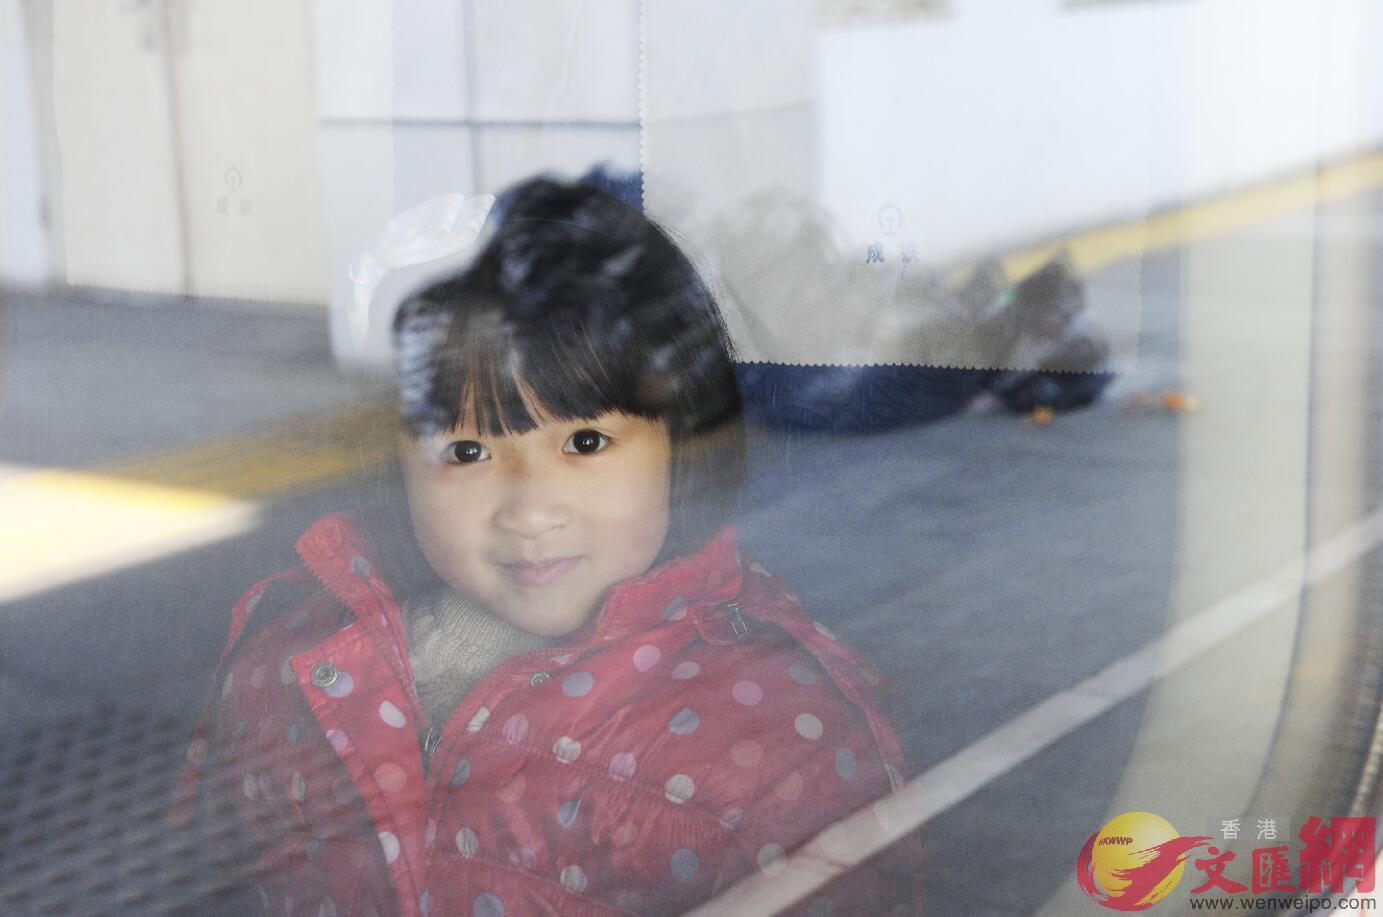 2016年1月24日,成都火車站開出的春運高鐵上,一名小旅客露出笑容。